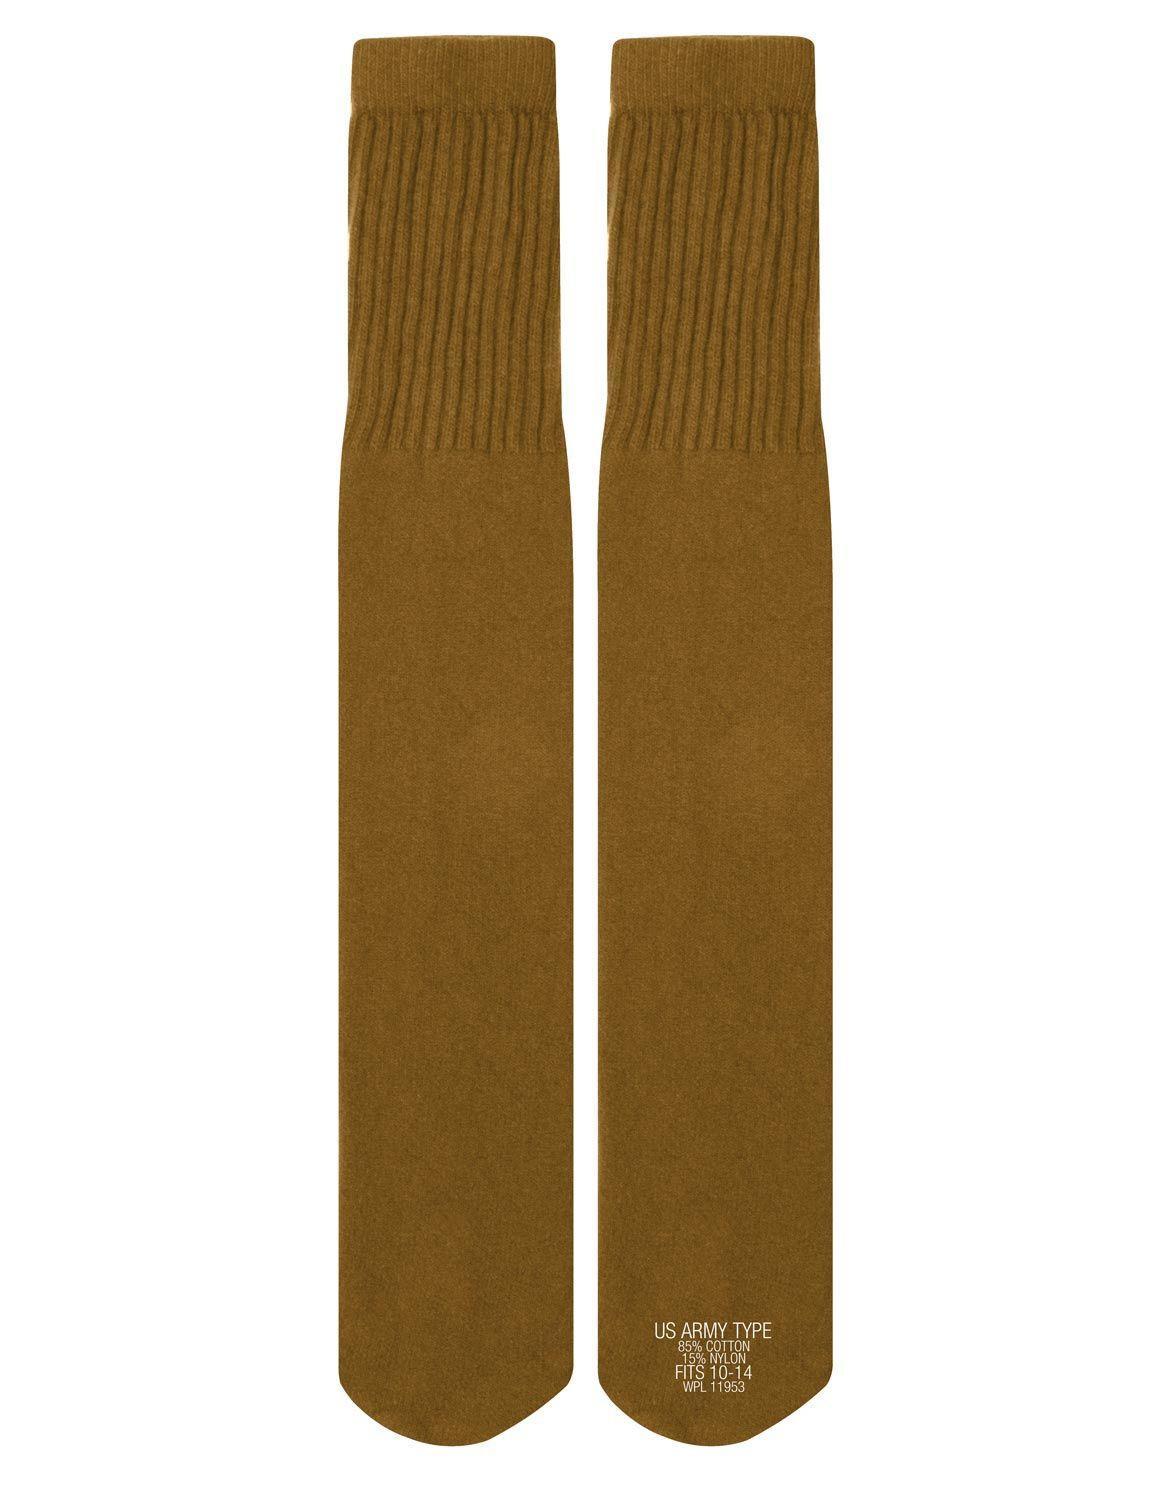 Image of   Rothco G.I. Style Tube Sokker - G.I. Style (Coyote Brun, One Size)